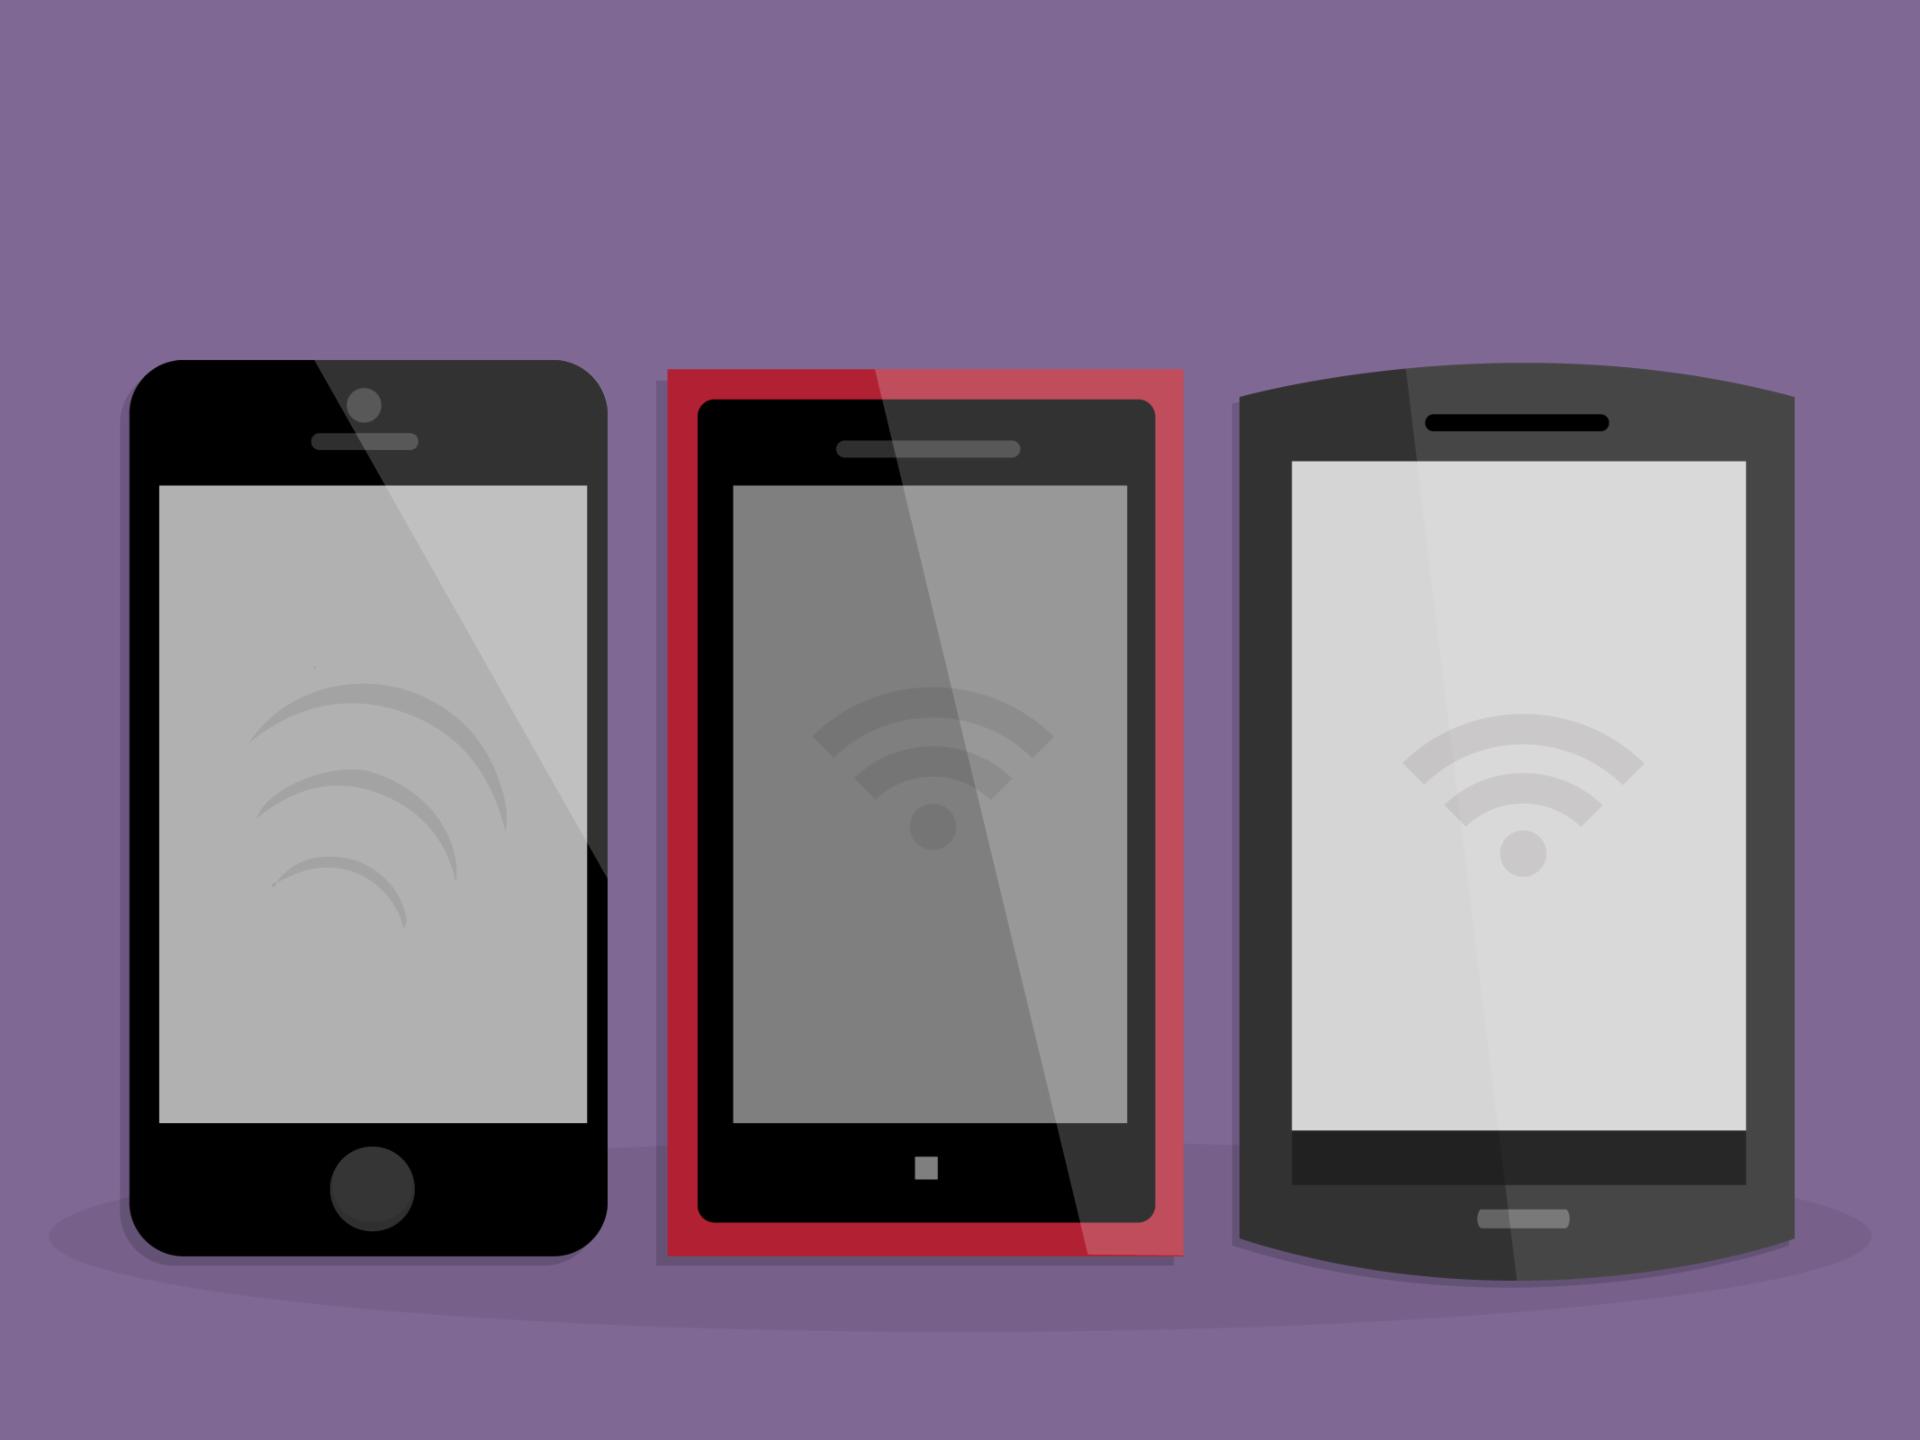 Dispositivos móveis, como smartphones ou telefones inteligentes